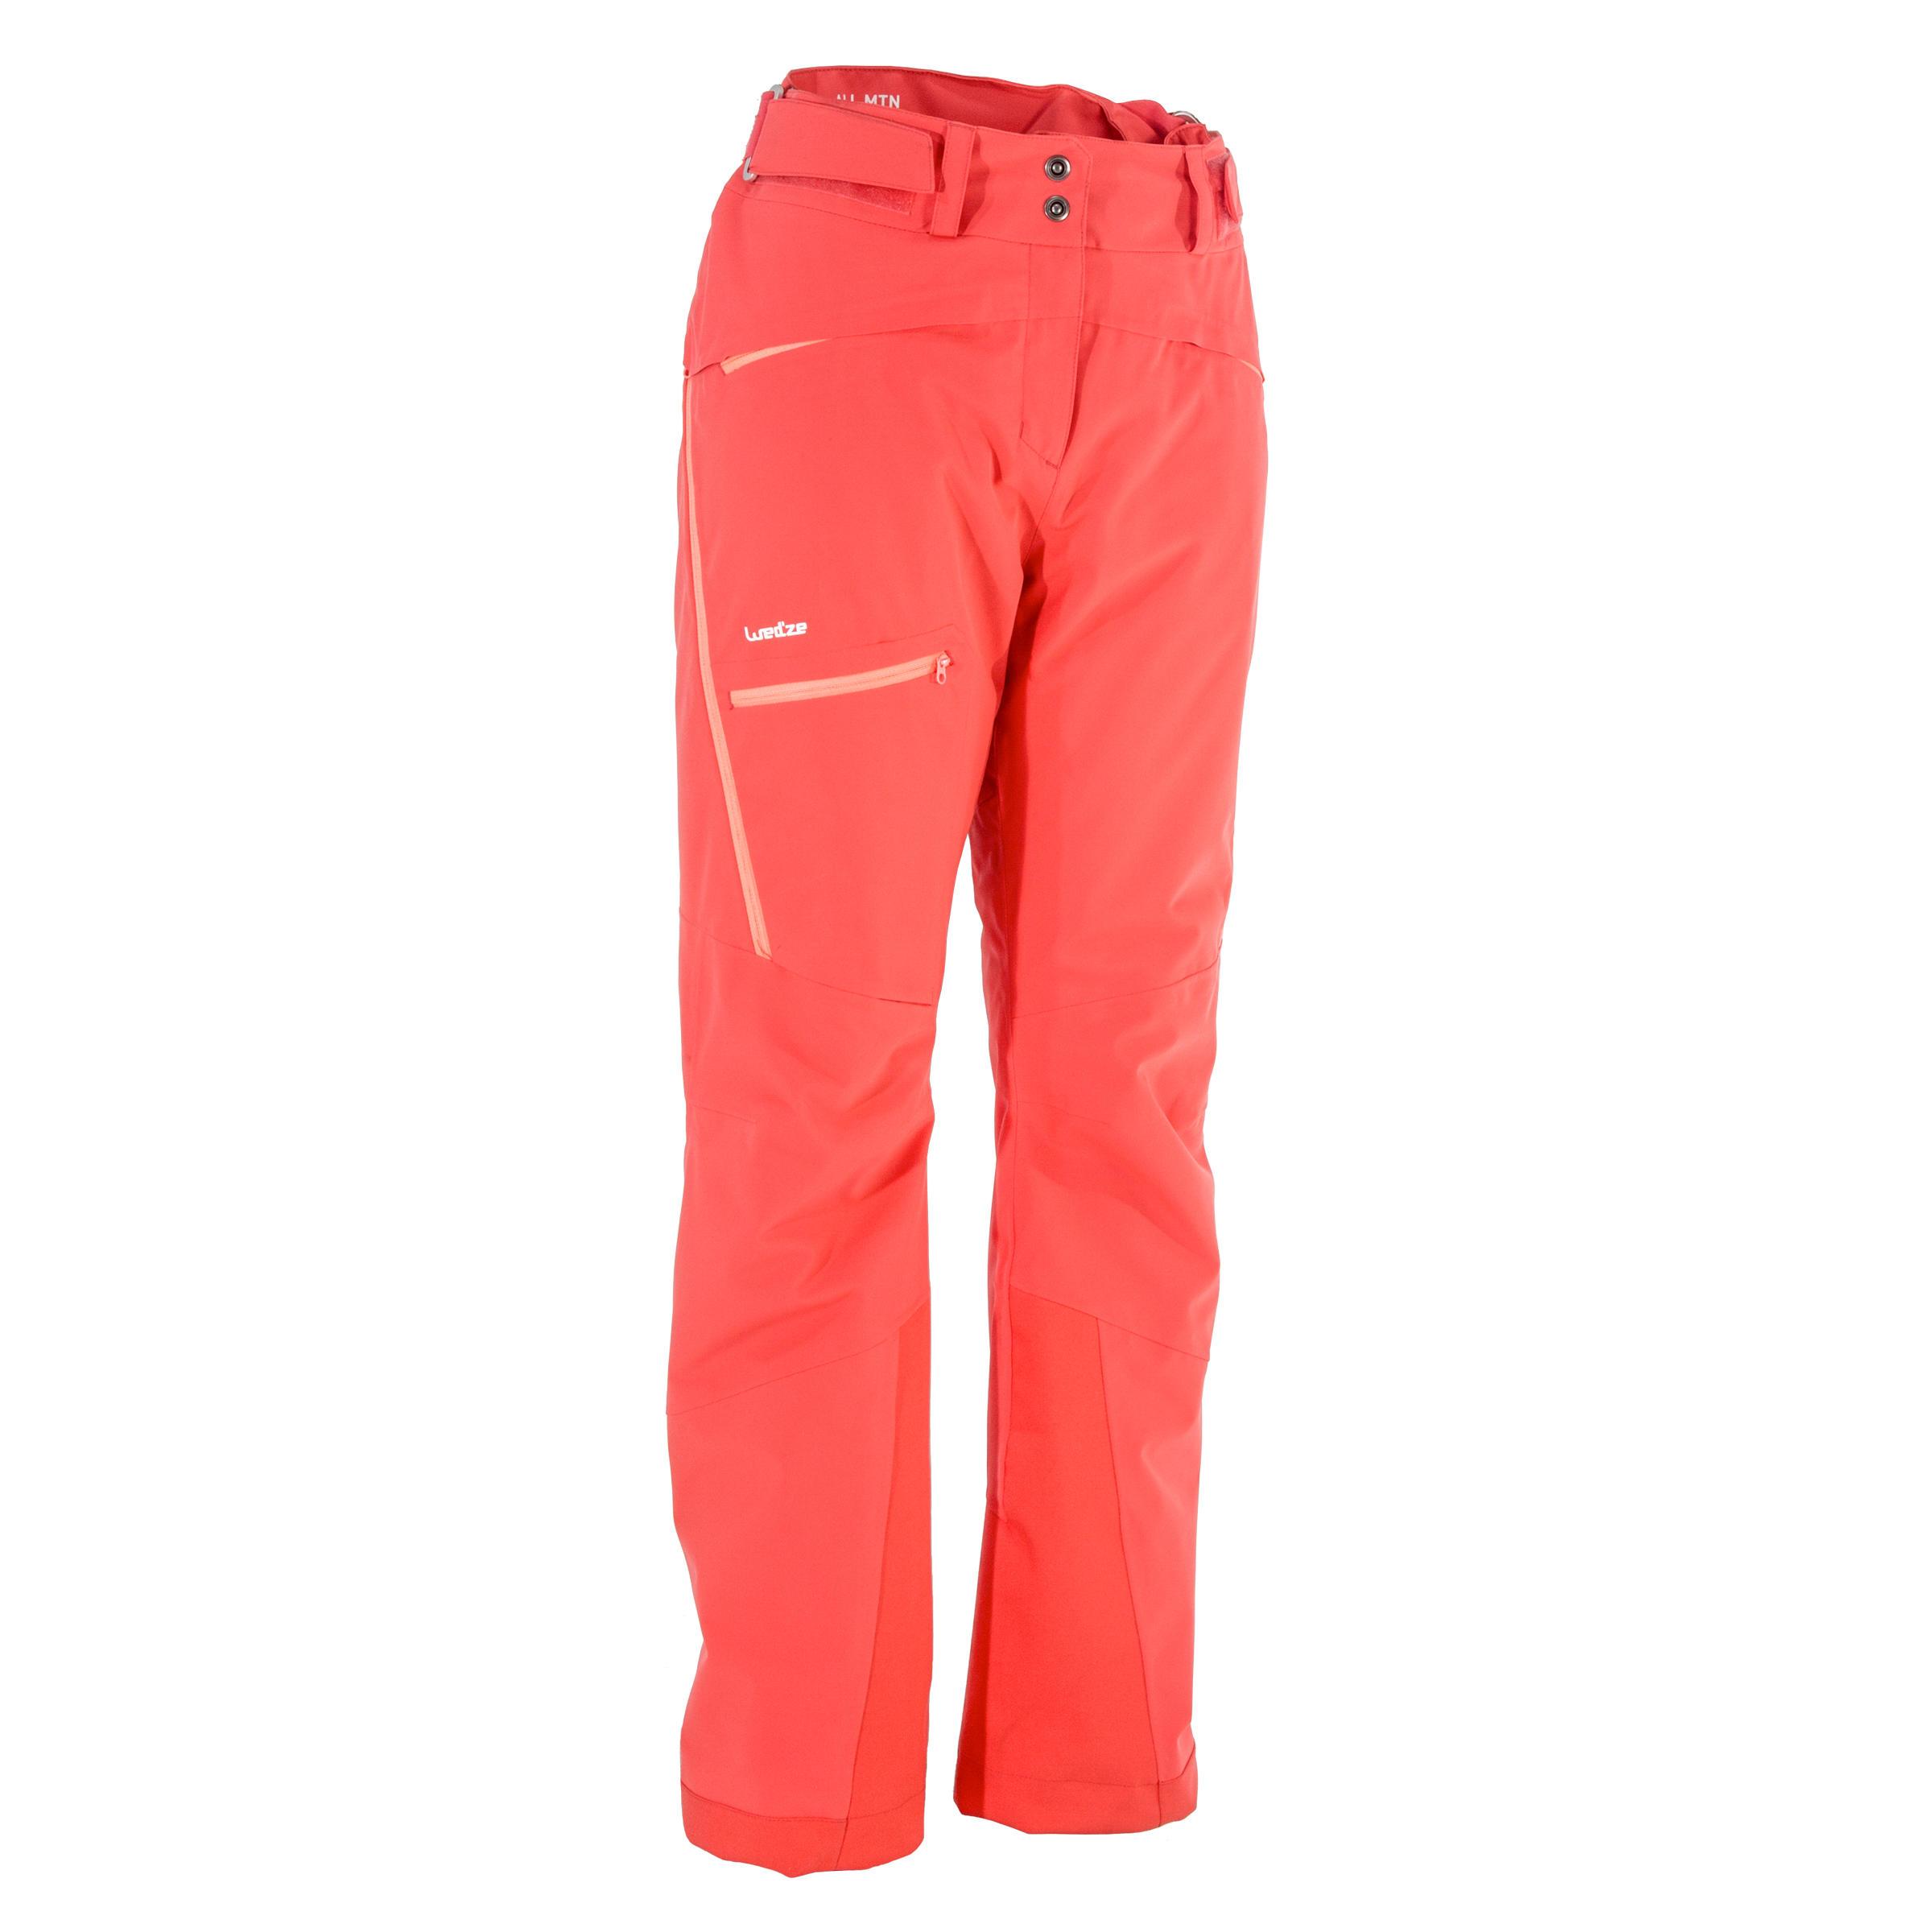 Skihose Allmountain 900 Damen koralle | Sportbekleidung > Sporthosen > Skihosen | Rosa | Wed´ze